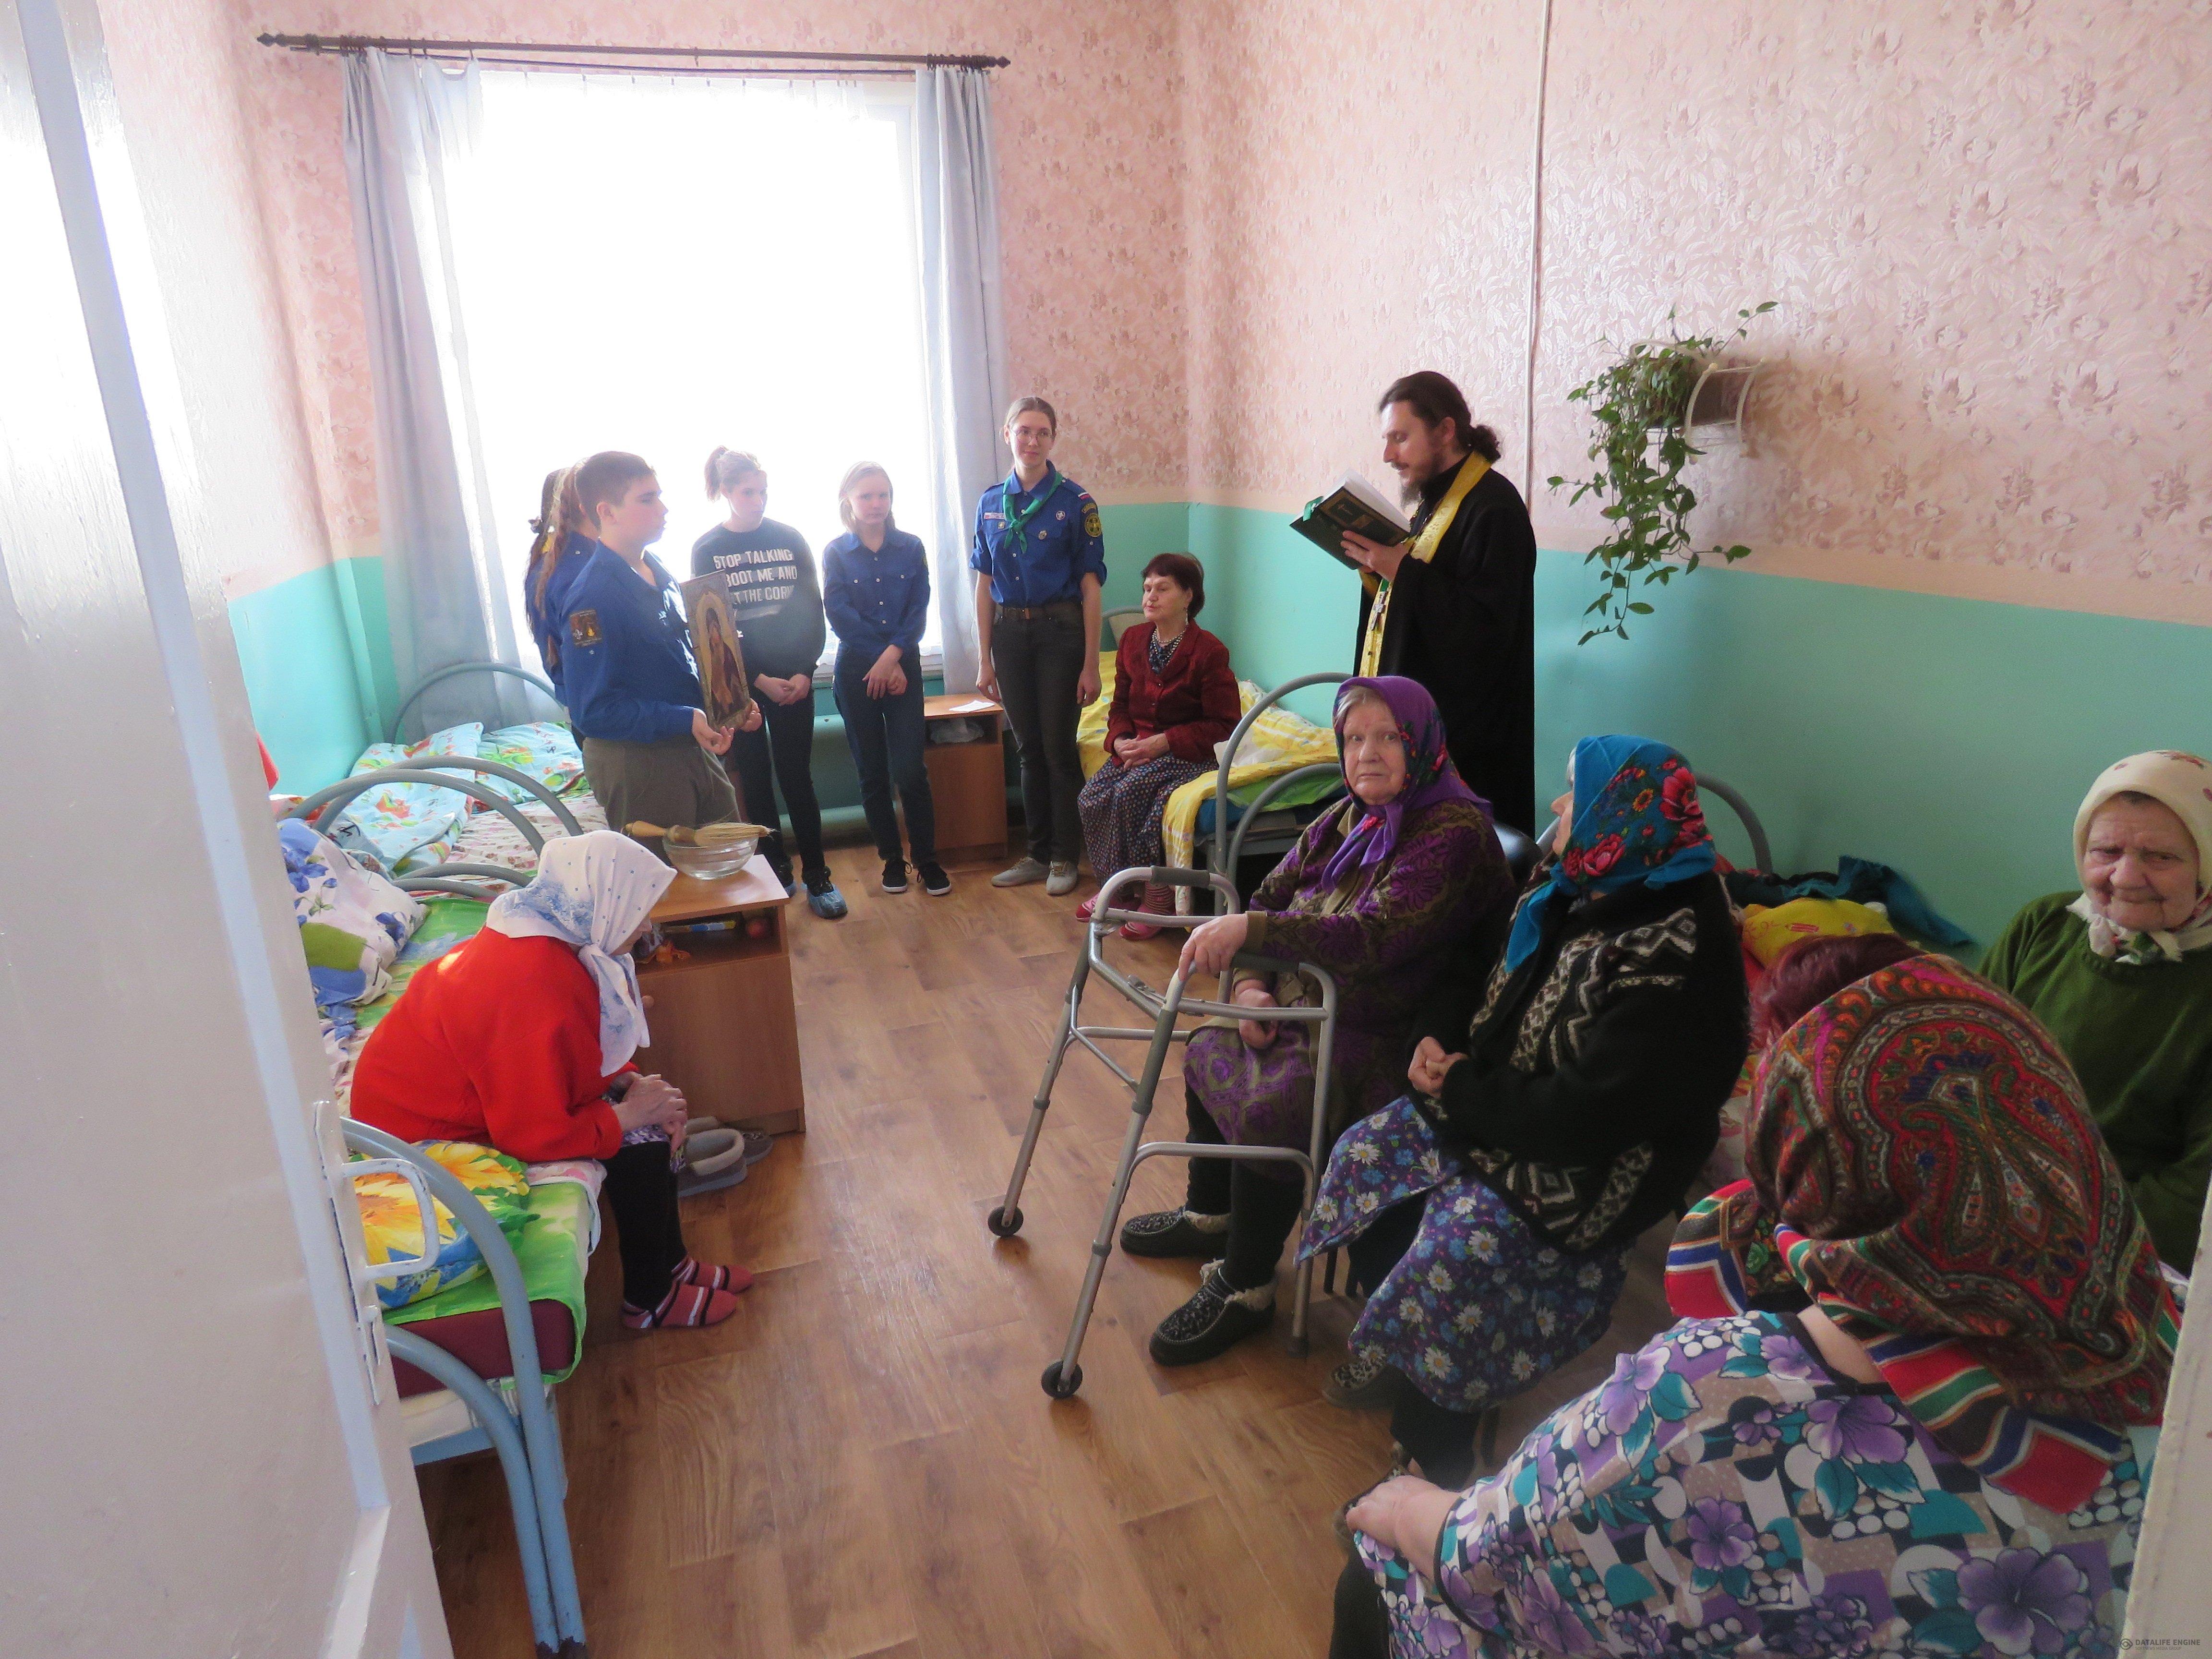 Следопыты Московского отделения БПС поздравили с праздником Весны жителей домов престарелых в тверской области